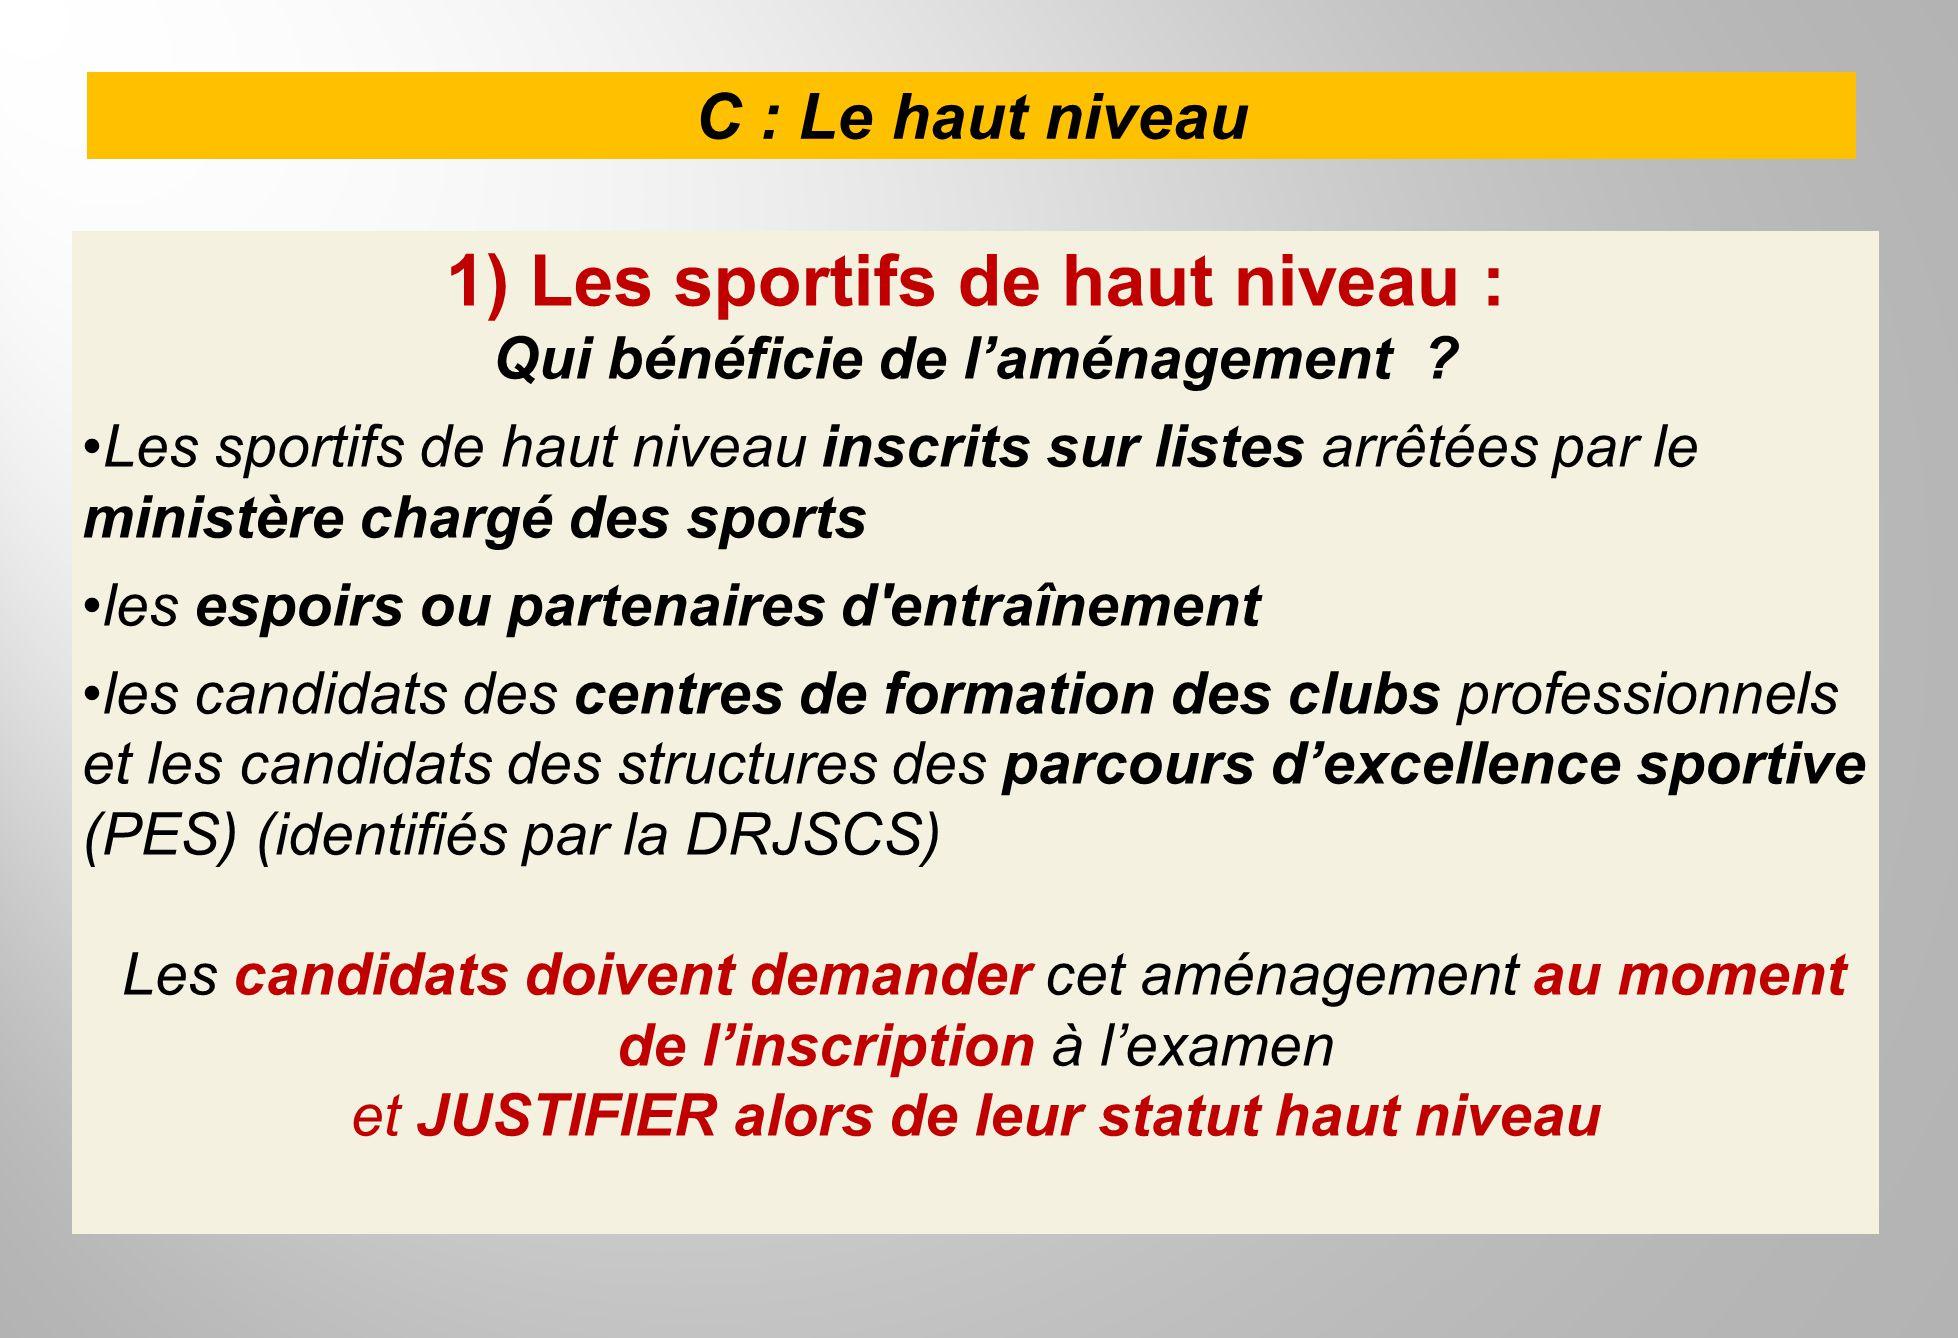 1) Les sportifs de haut niveau : Qui bénéficie de l'aménagement